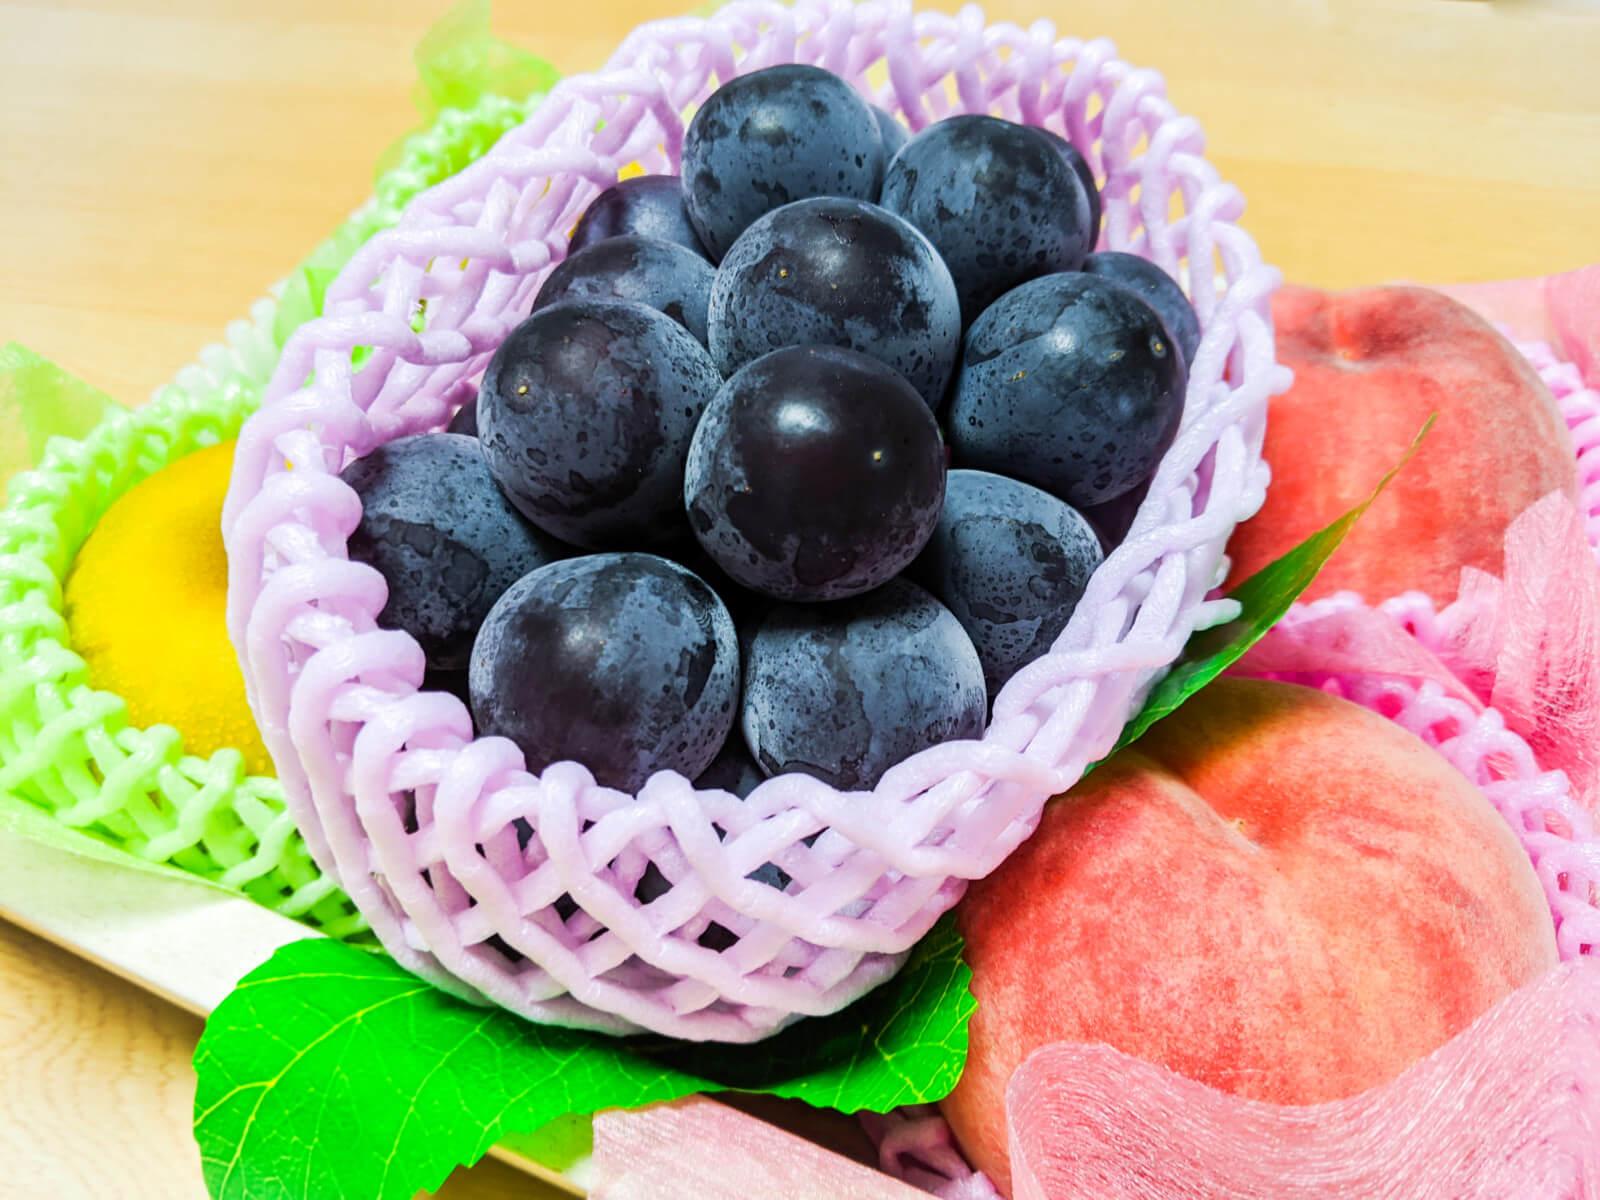 お供物の桃・ぶどう・梨